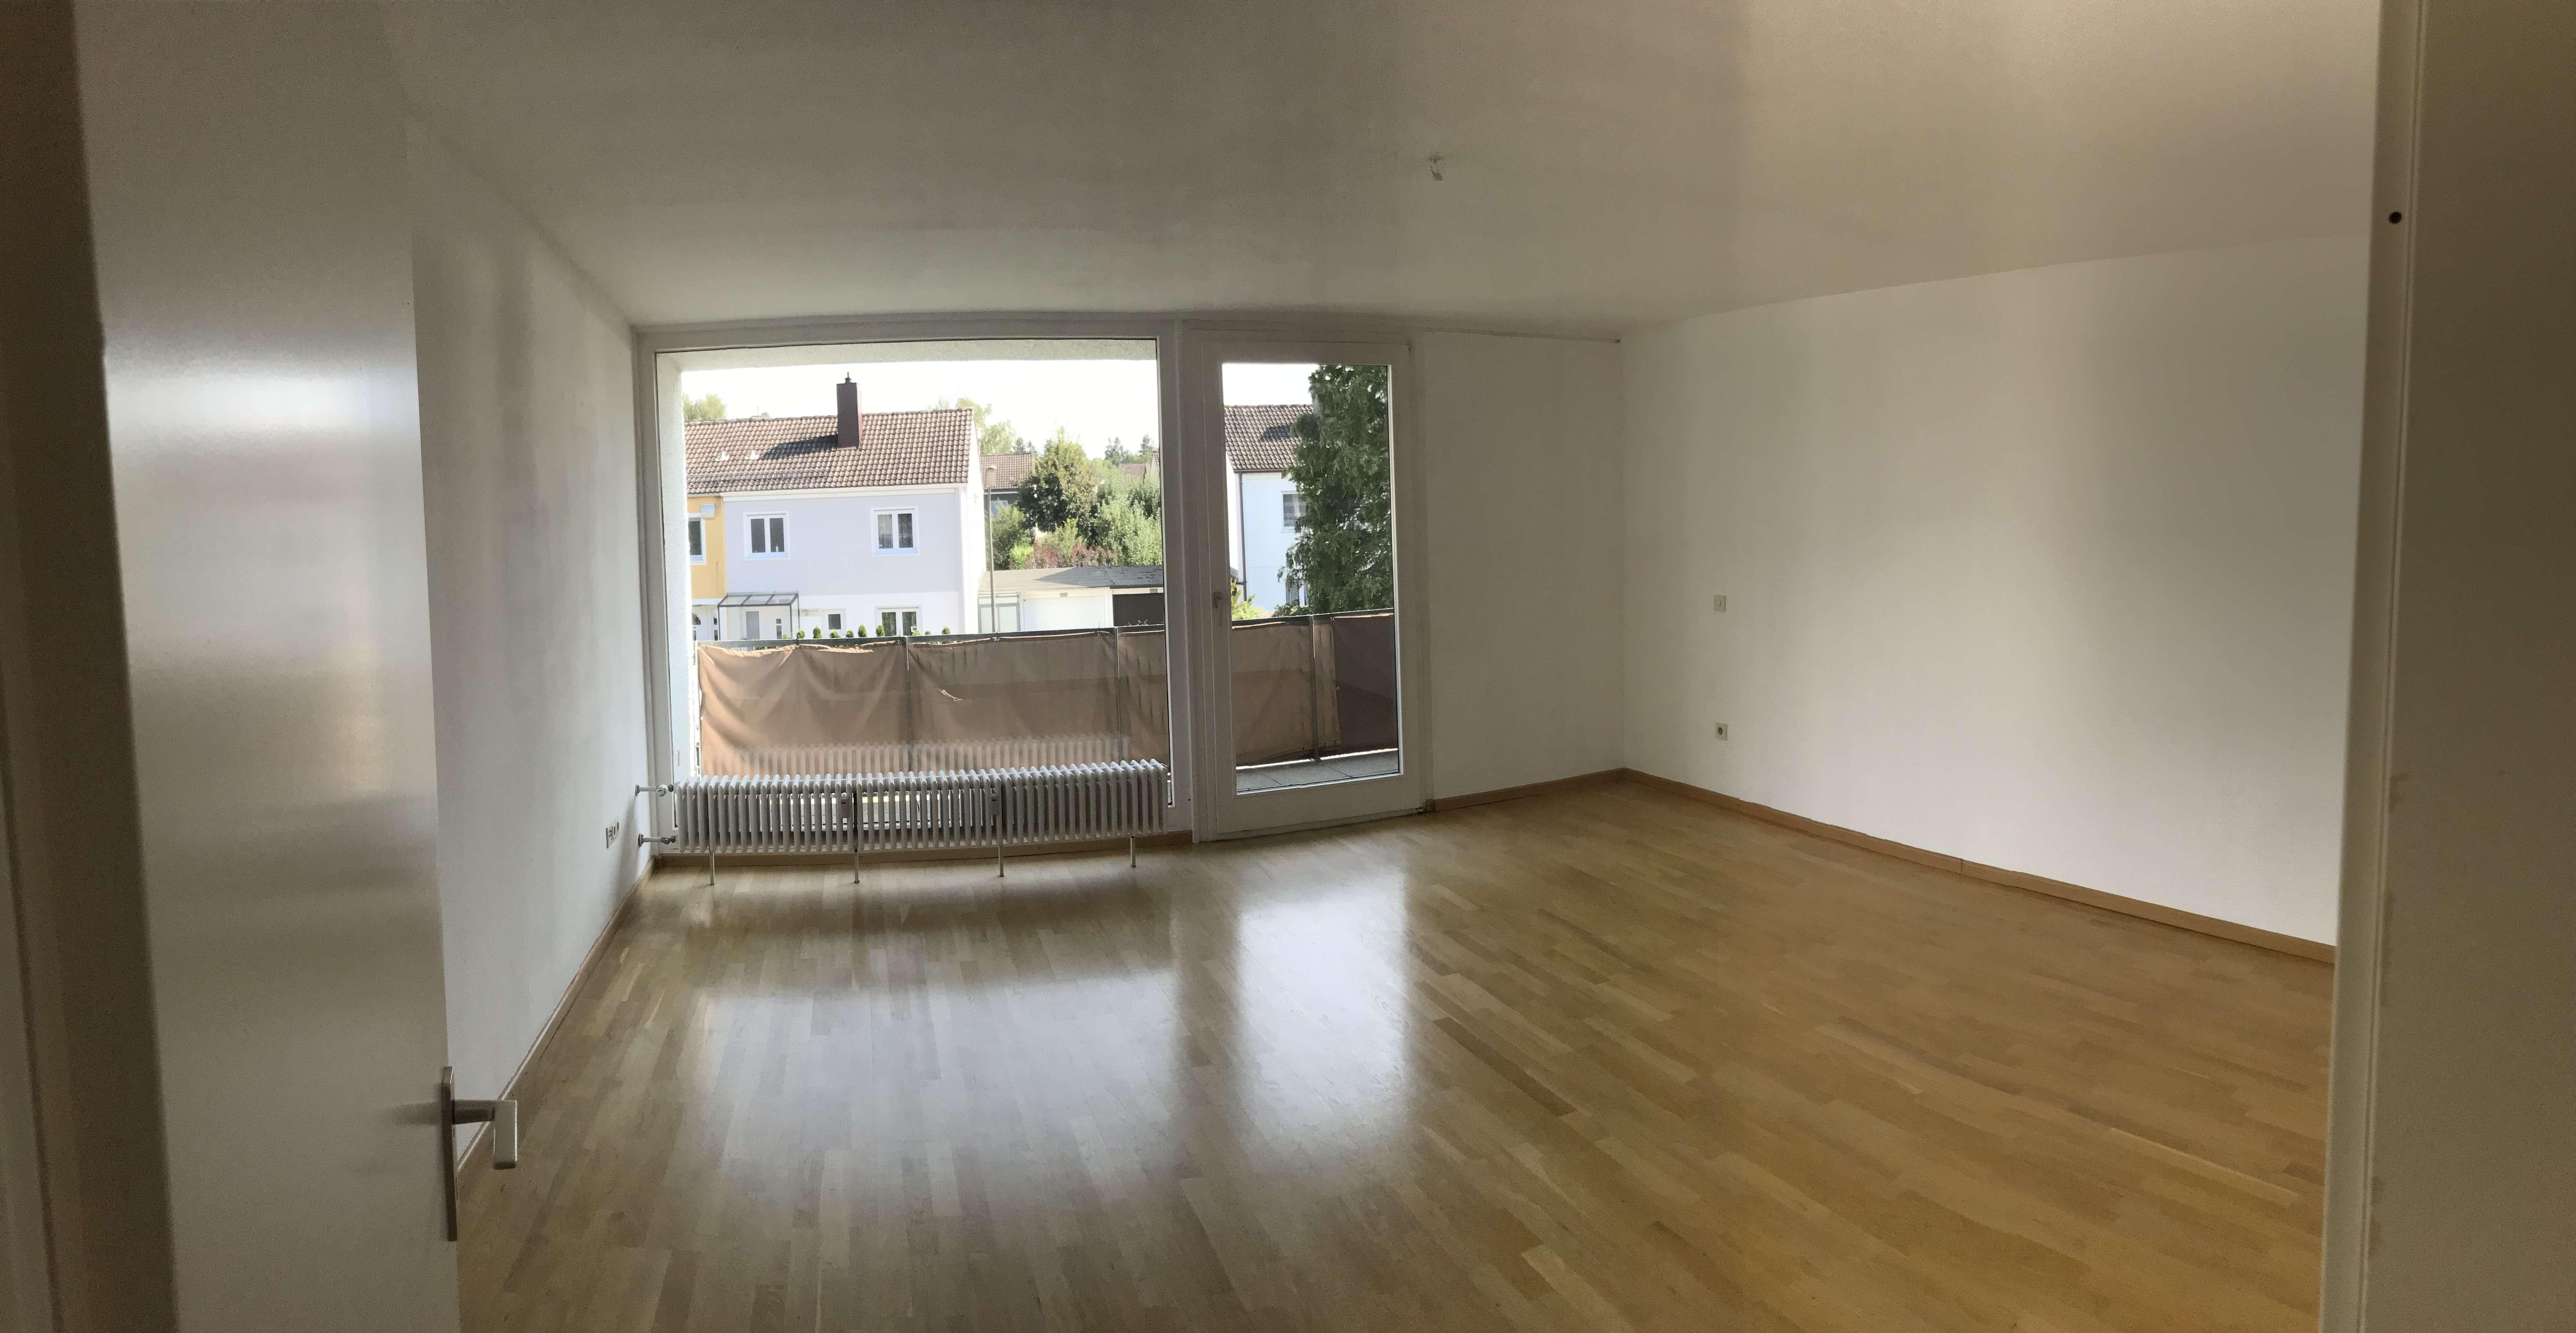 Großzügige 4-Zimmer-Maisonette-Wohnung mit zwei Balkonen im Herzen von Grafing in Grafing bei München